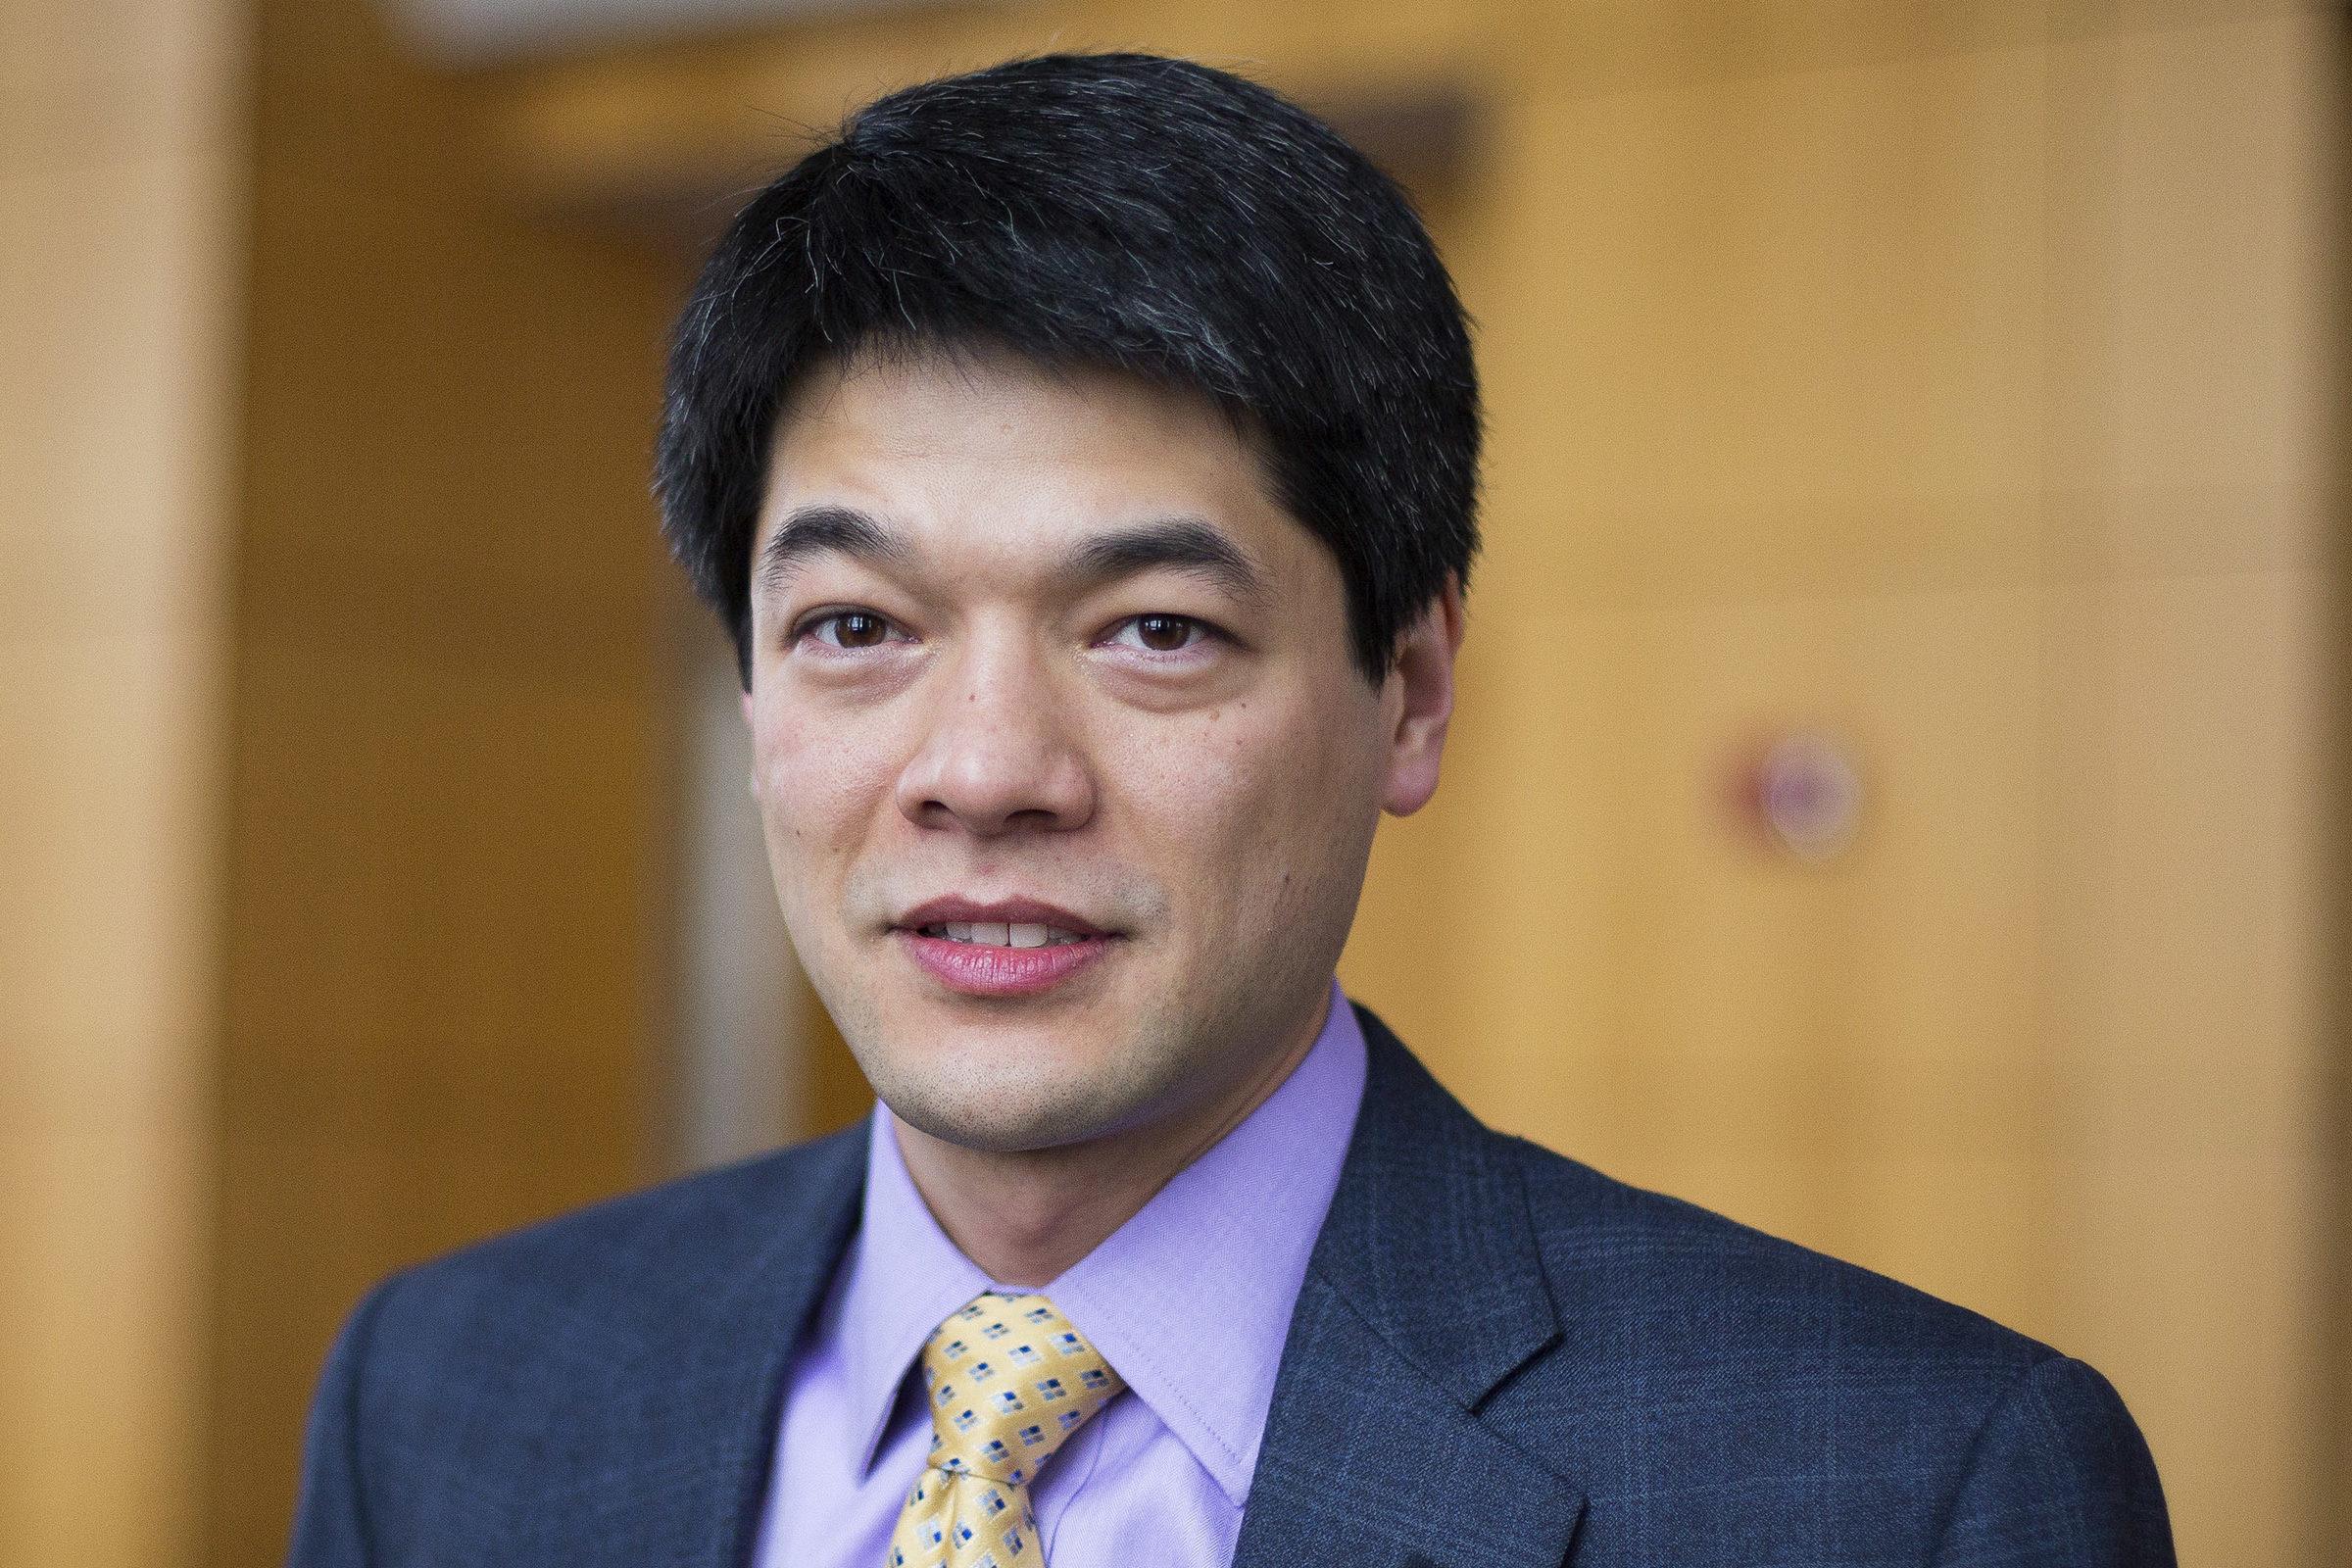 Prof. Kevin Fu